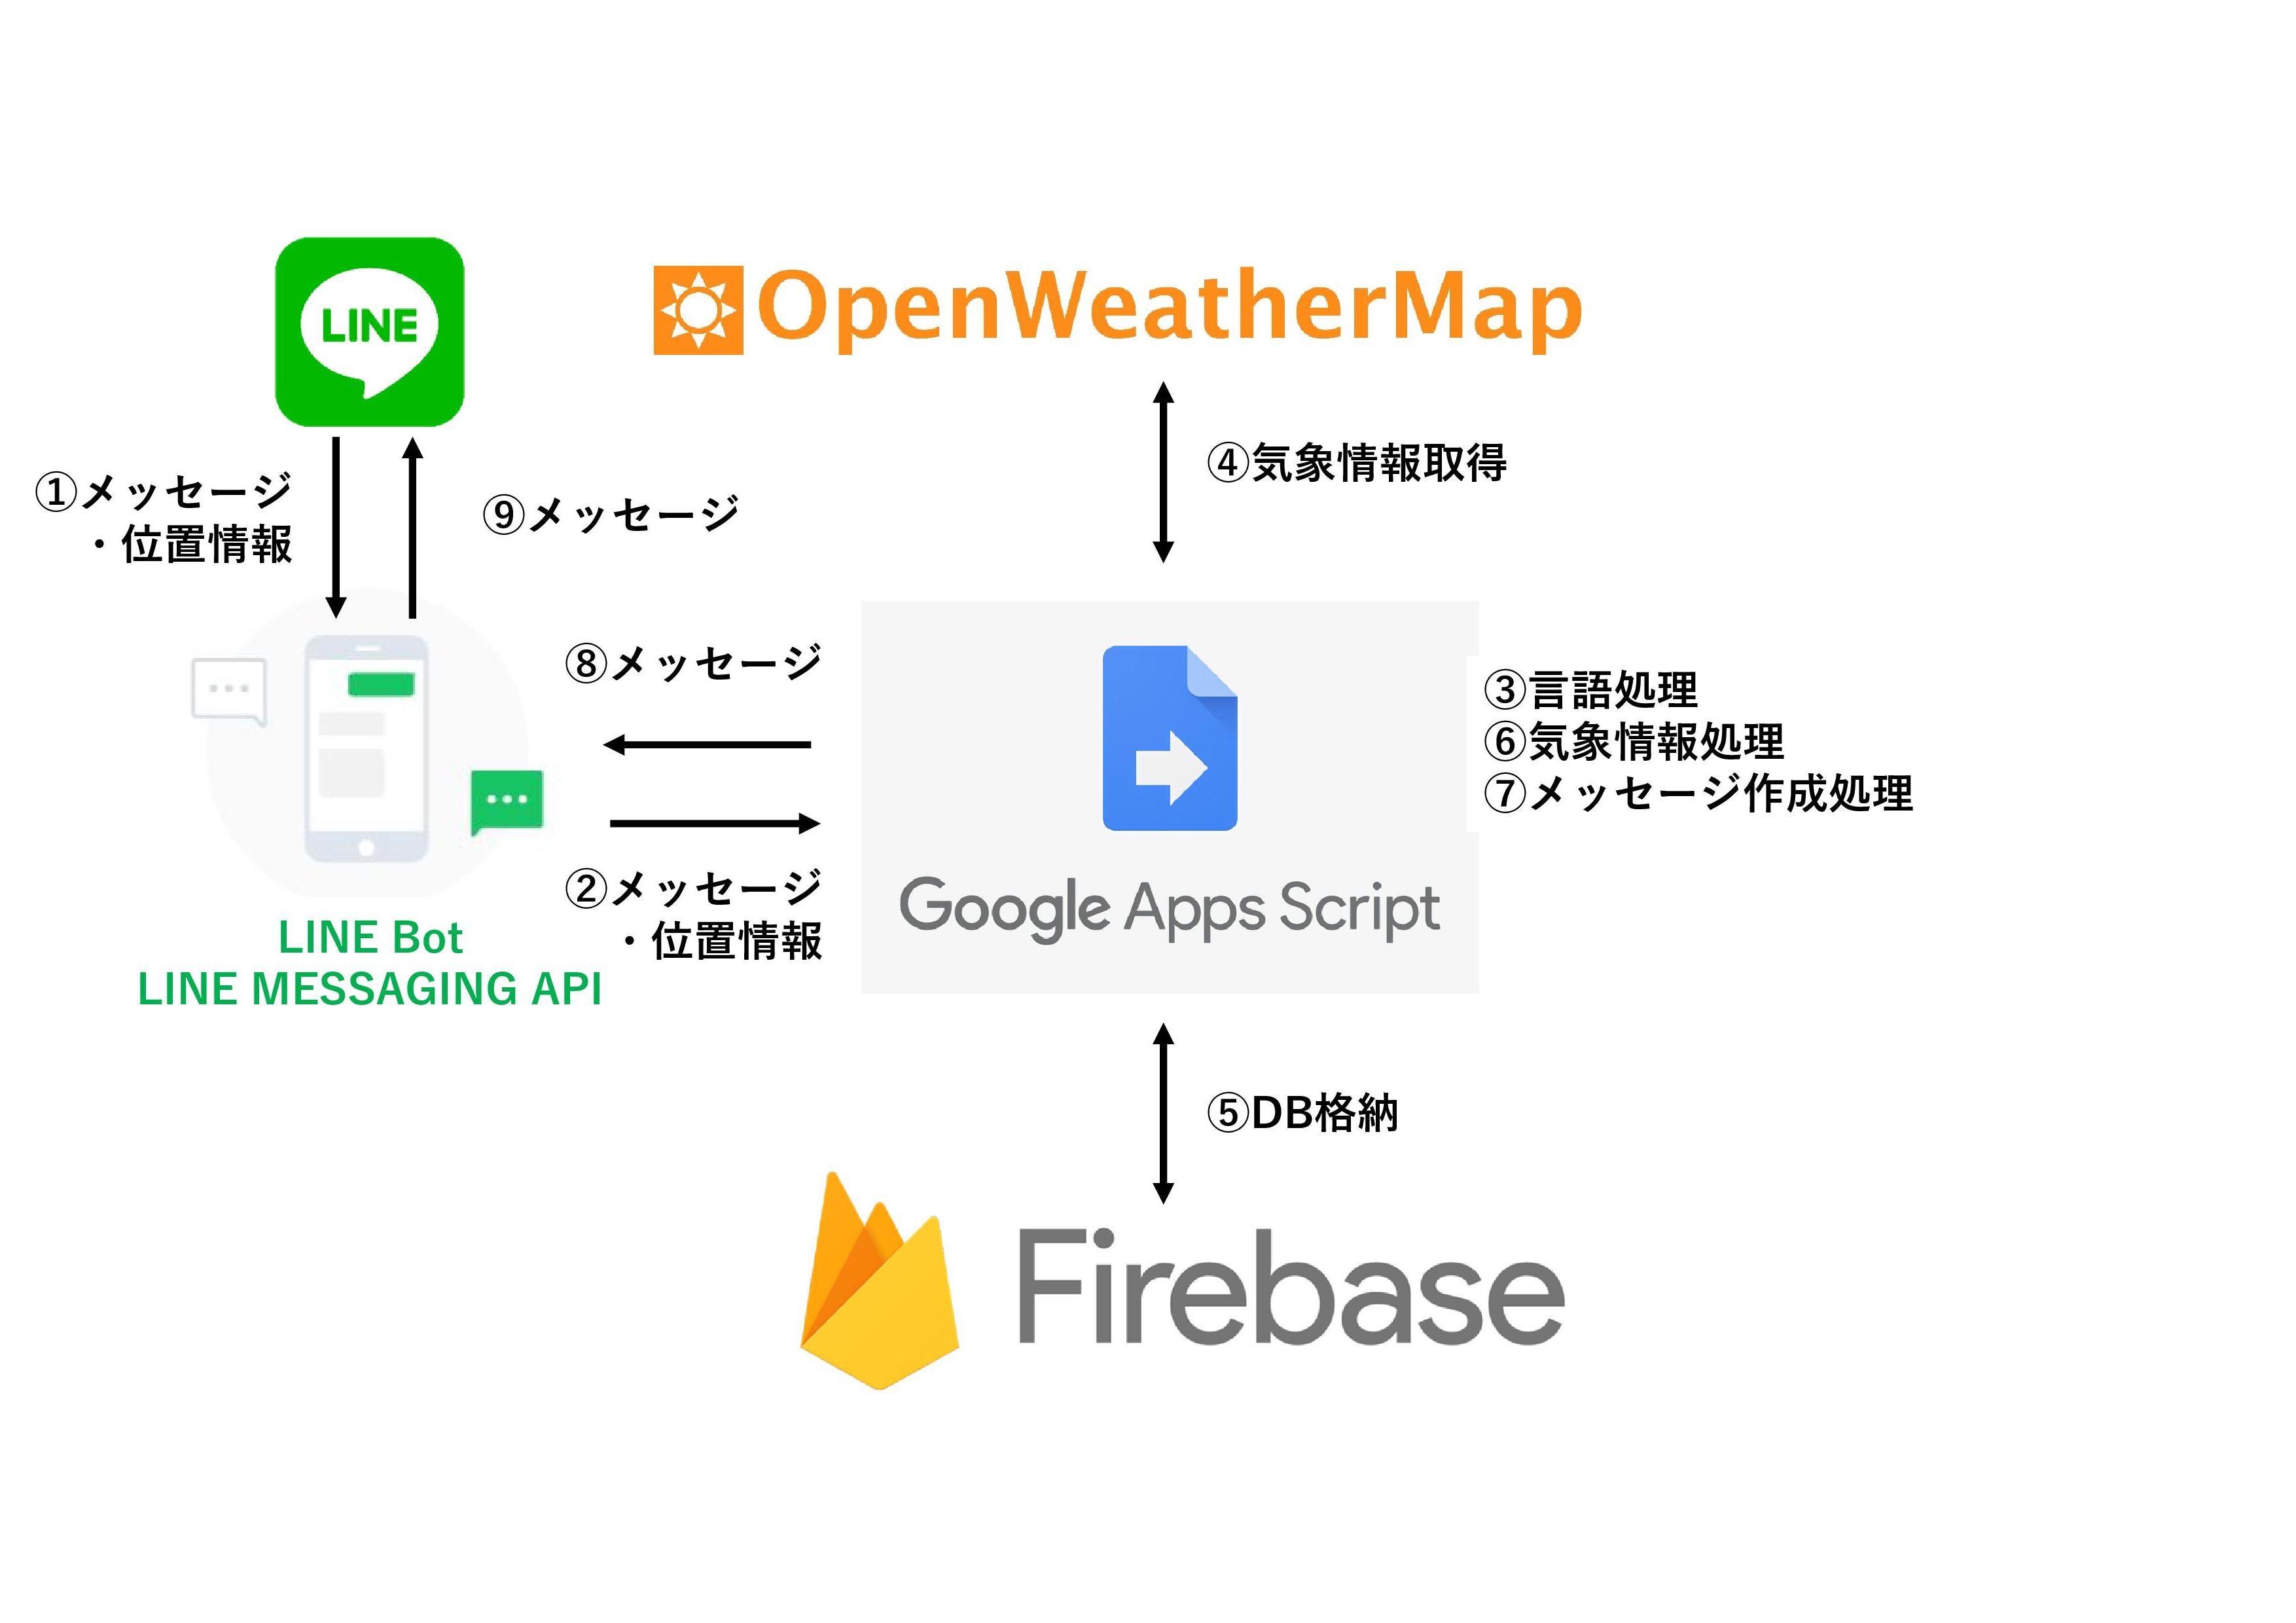 アプリケーション図-001.jpg